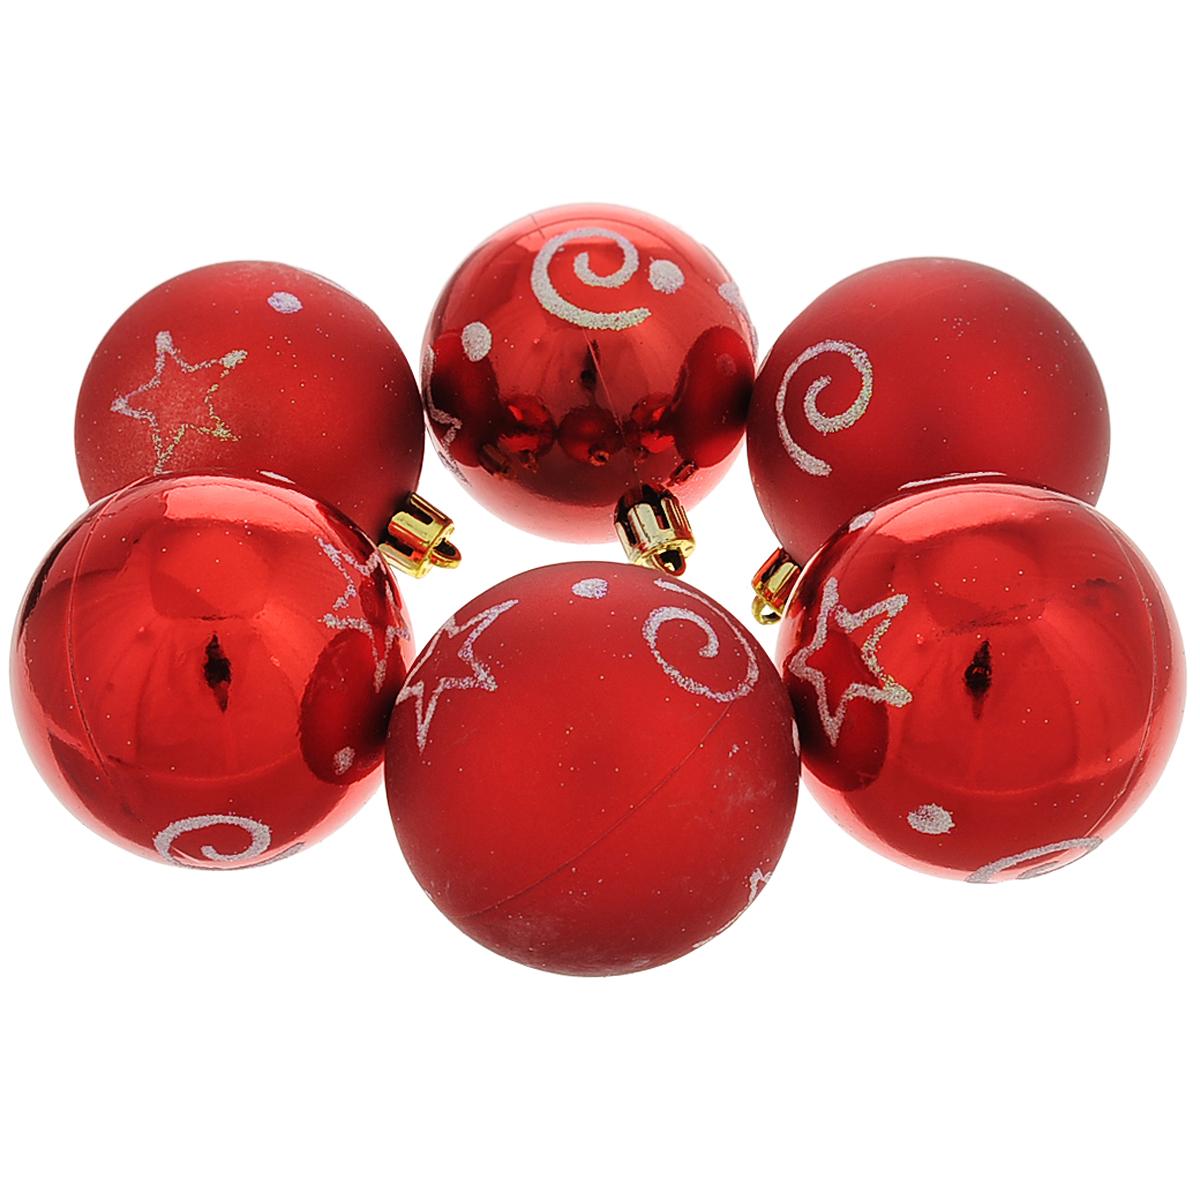 Набор новогодних подвесных украшений Шар, цвет: красный, серебристый, диаметр 6 см, 6 шт. 3550320141Набор новогодних подвесных украшений Шар прекрасно подойдет для праздничного декора новогодней ели. Состоит из шести шаров.Елочная игрушка - символ Нового года. Она несет в себе волшебство и красоту праздника. Создайте в своем доме атмосферу веселья и радости, украшая новогоднюю елку нарядными игрушками, которые будут из года в год накапливать теплоту воспоминаний. Коллекция декоративных украшений принесет в ваш дом ни с чем несравнимое ощущение волшебства! Откройте для себя удивительный мир сказок и грез. Почувствуйте волшебные минуты ожидания праздника, создайте новогоднее настроение вашим дорогим и близким.